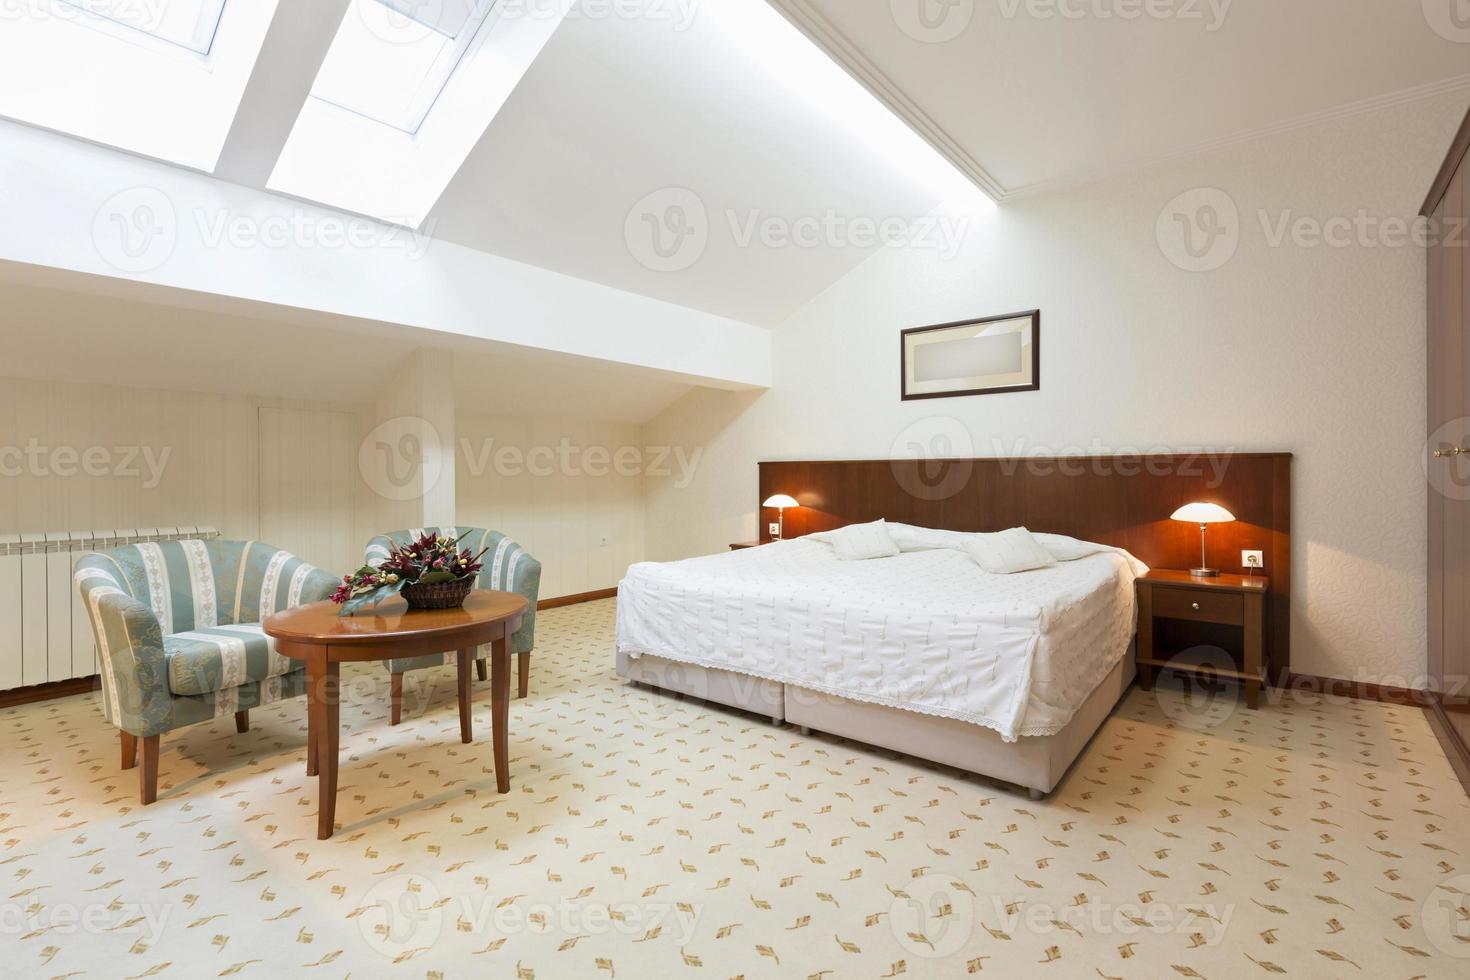 dormitorio interior en loft foto